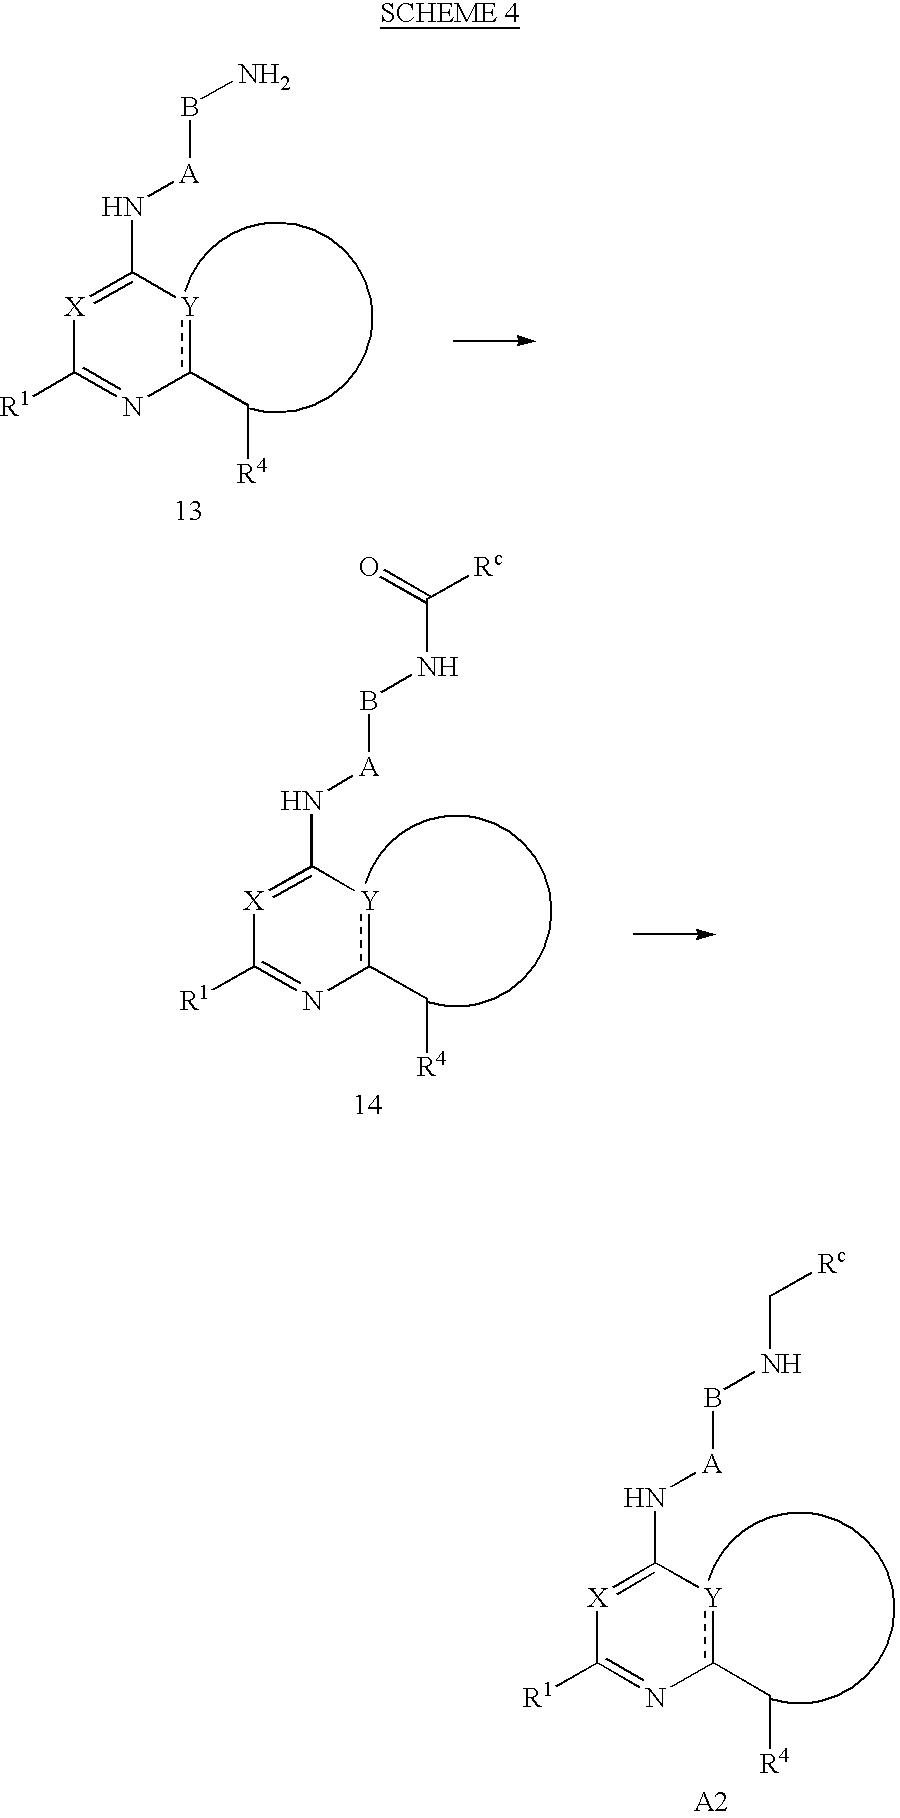 Figure US06506762-20030114-C00022